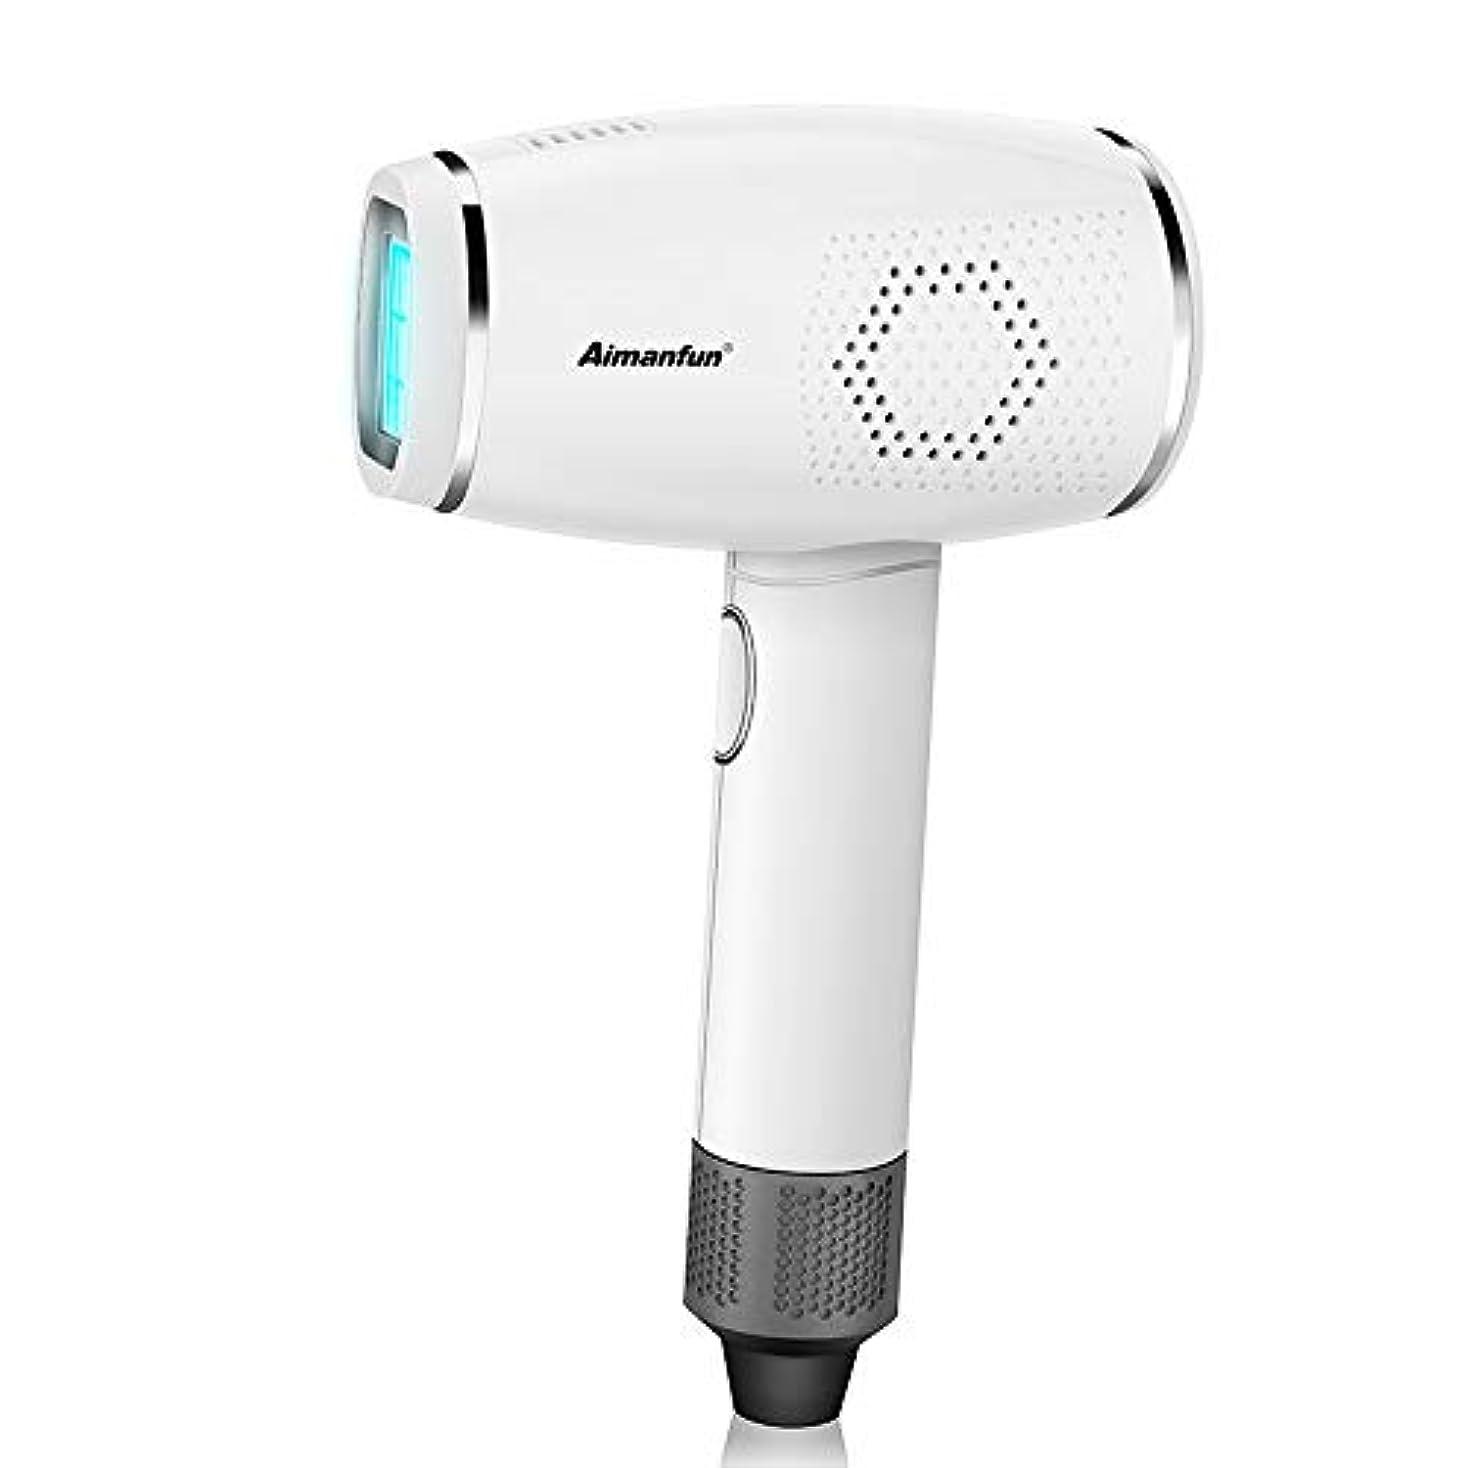 スリチンモイ視力ブリッジIPL脱毛システム用女性男性ボディフェイス、ホーム電動痛みのないアイスクールエピレータ永久的な脱毛装置付きタッチ液晶画面